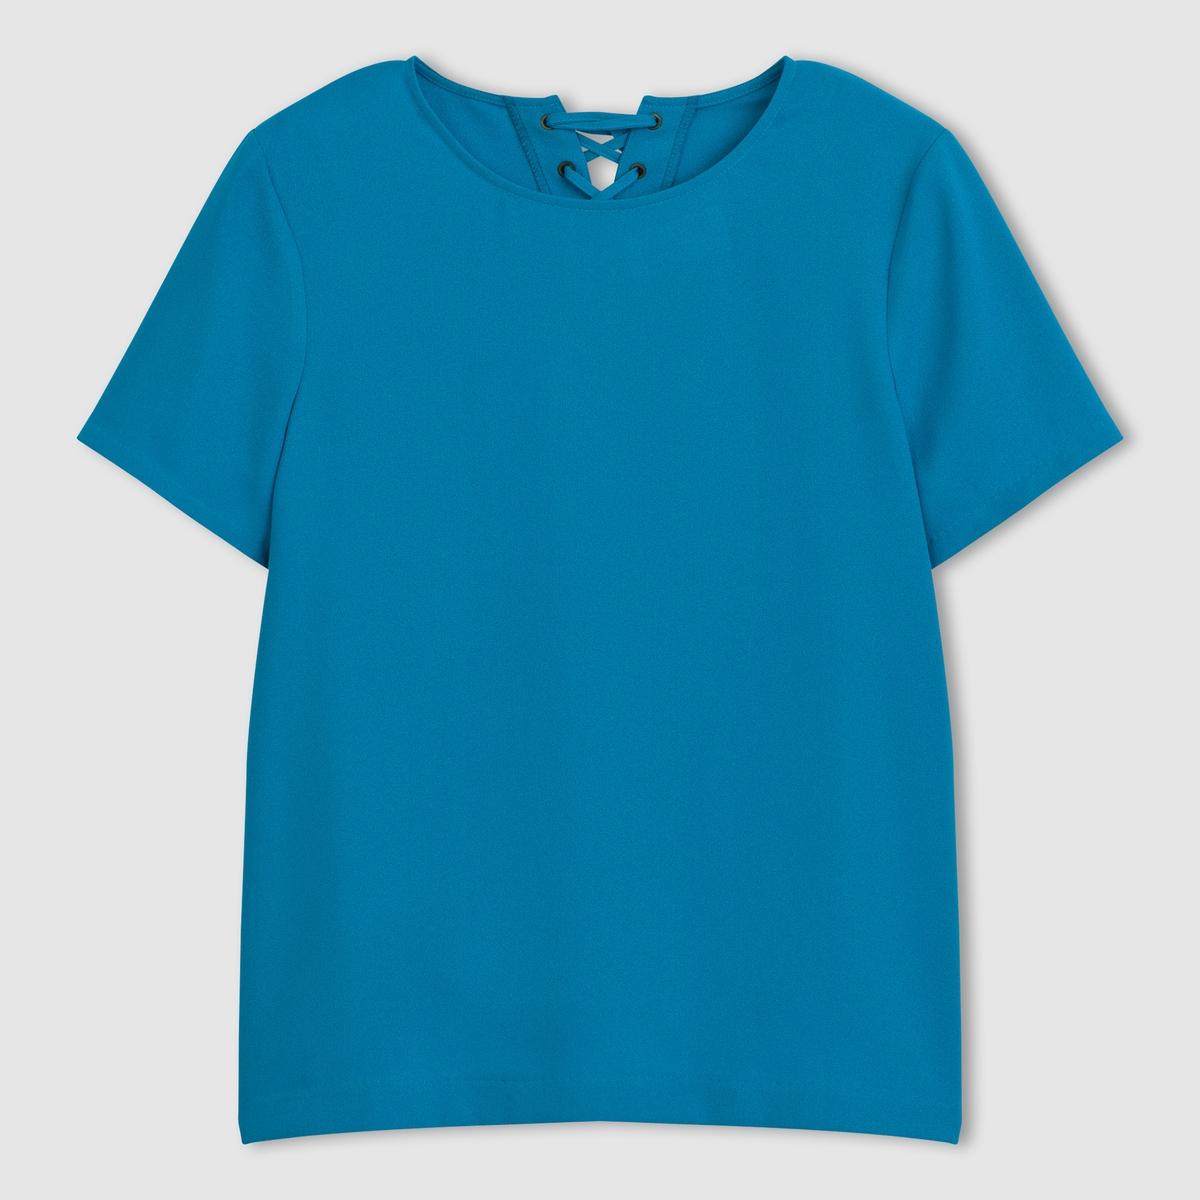 Блузка со шнуровкой сзади, короткие рукаваБлузка . 100% полиэстера.  Короткие рукава. Круглый вырез. Шнуровка сзади.  Длина: 62 см.<br><br>Цвет: ярко-синий<br>Размер: 34 (FR) - 40 (RUS)